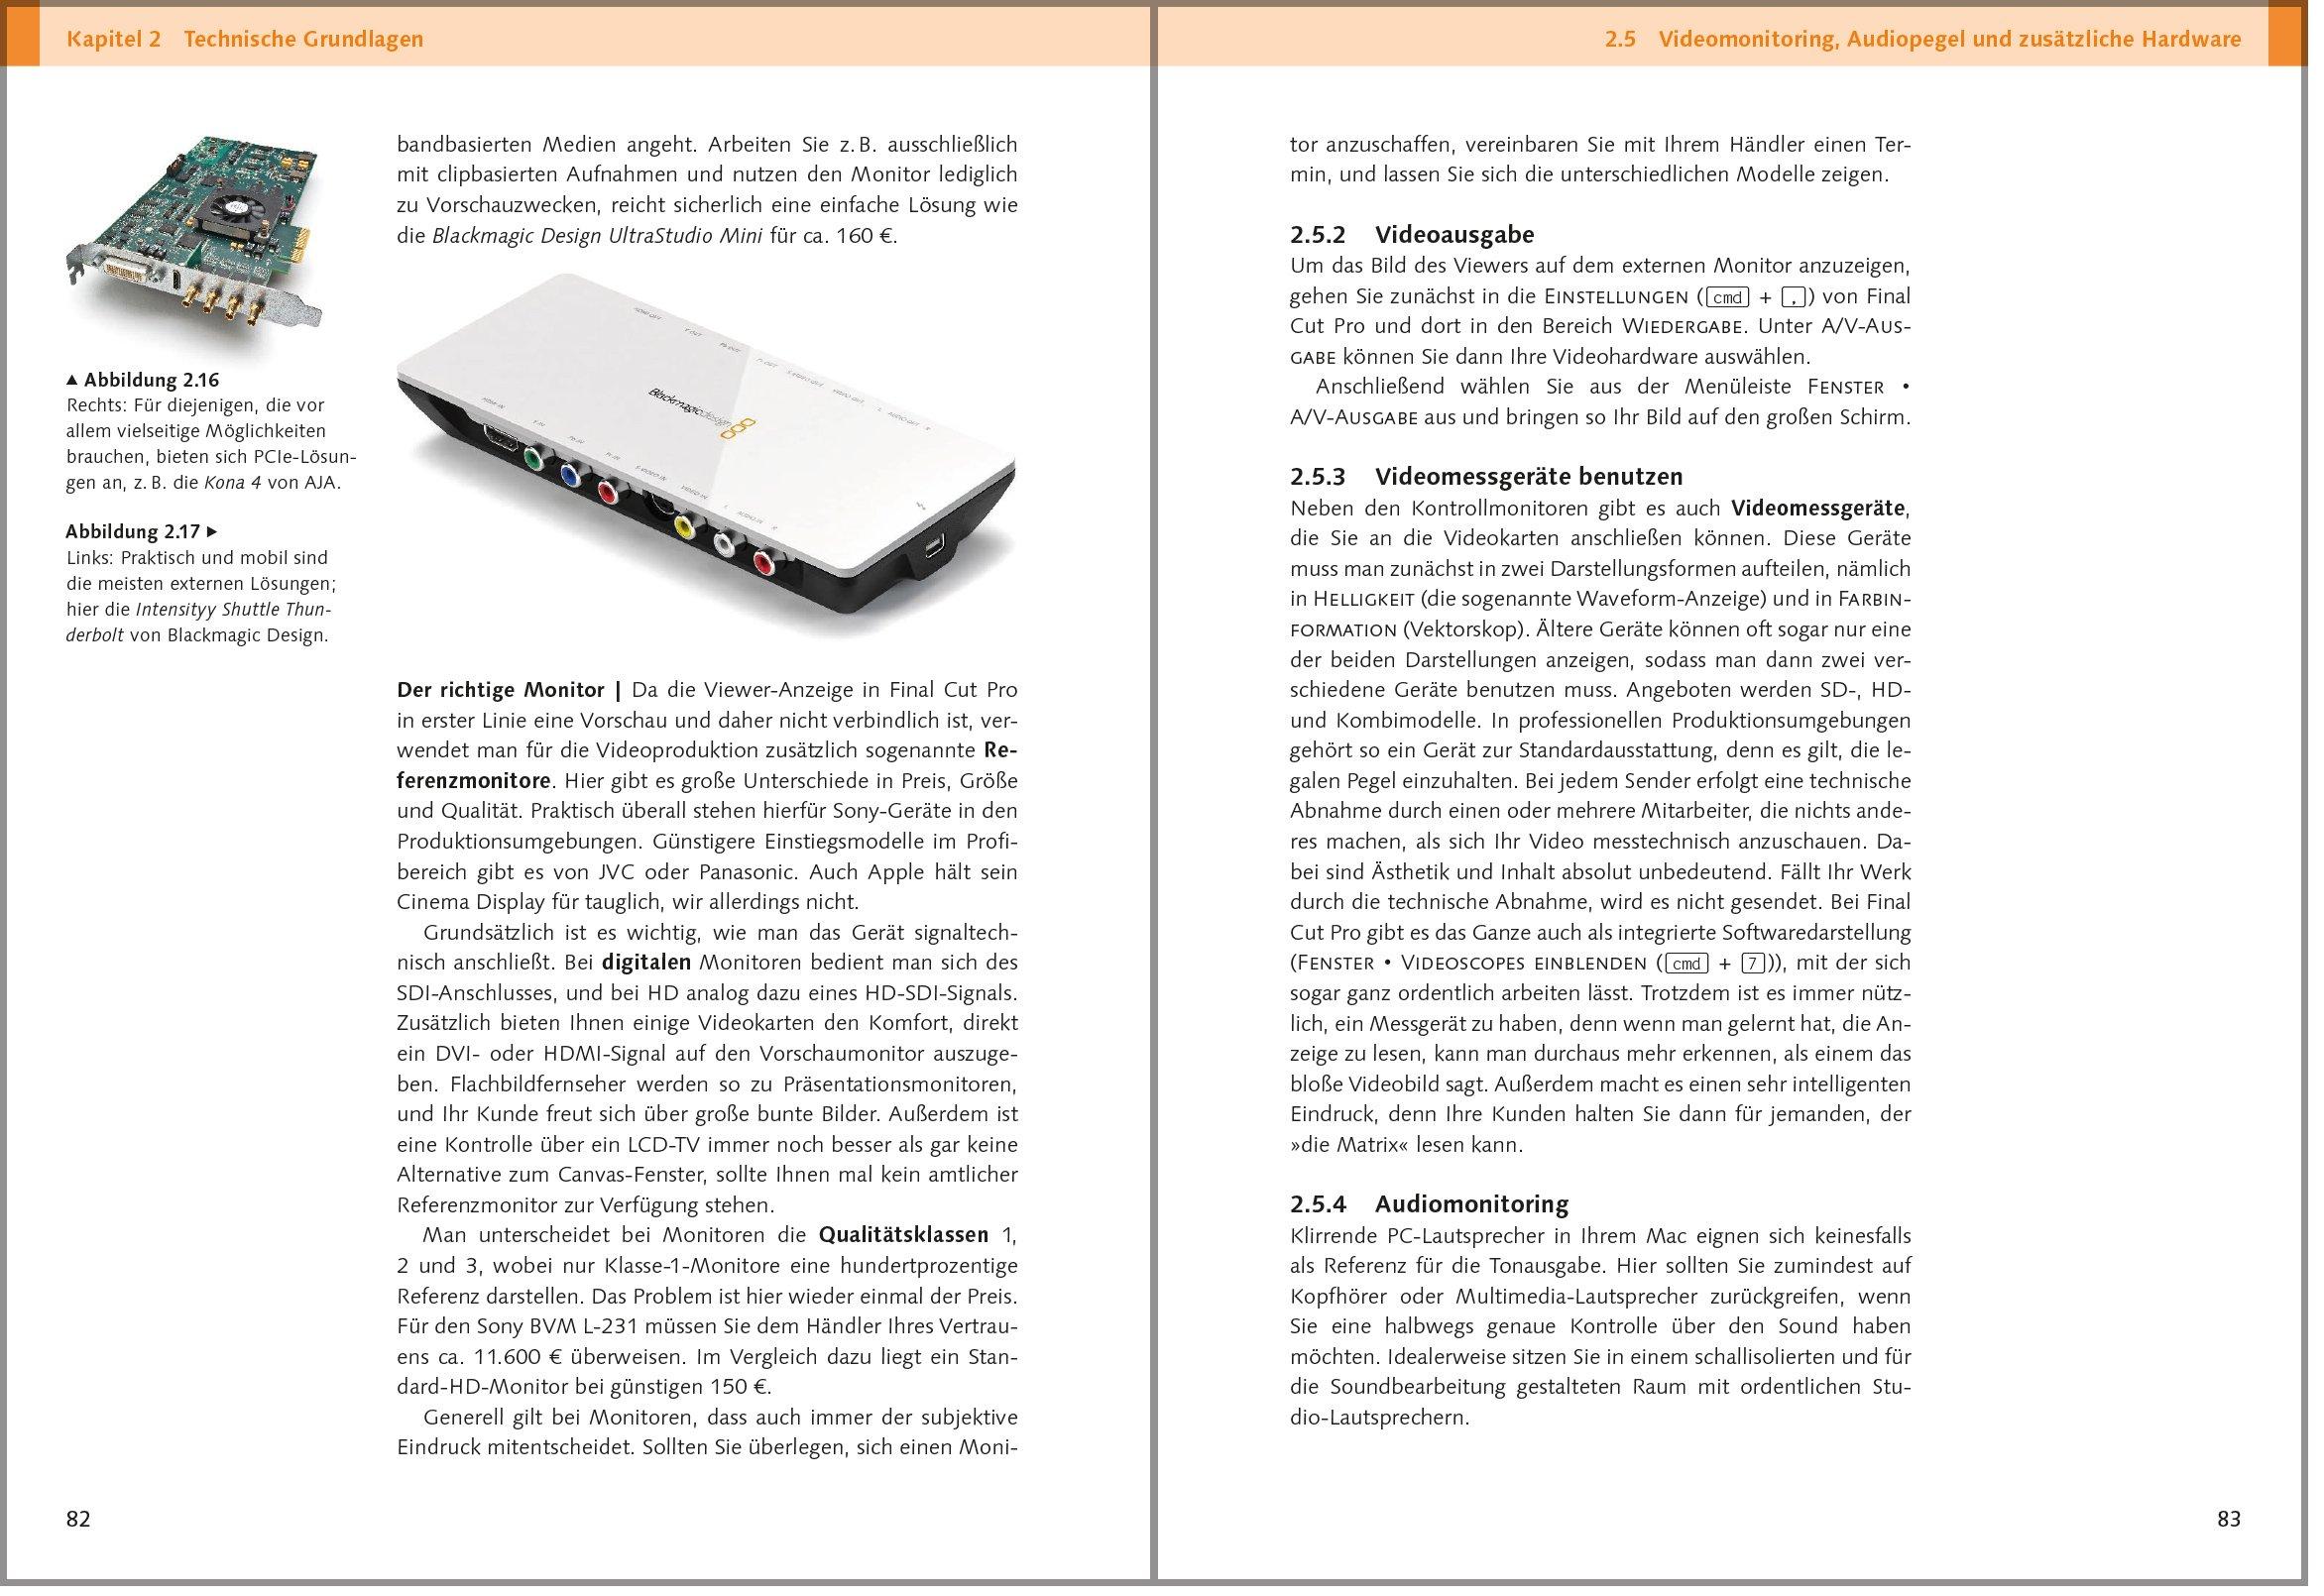 Final Cut Pro X 10.2: Das umfassende Handbuch zur neuen Version 10.2 ...